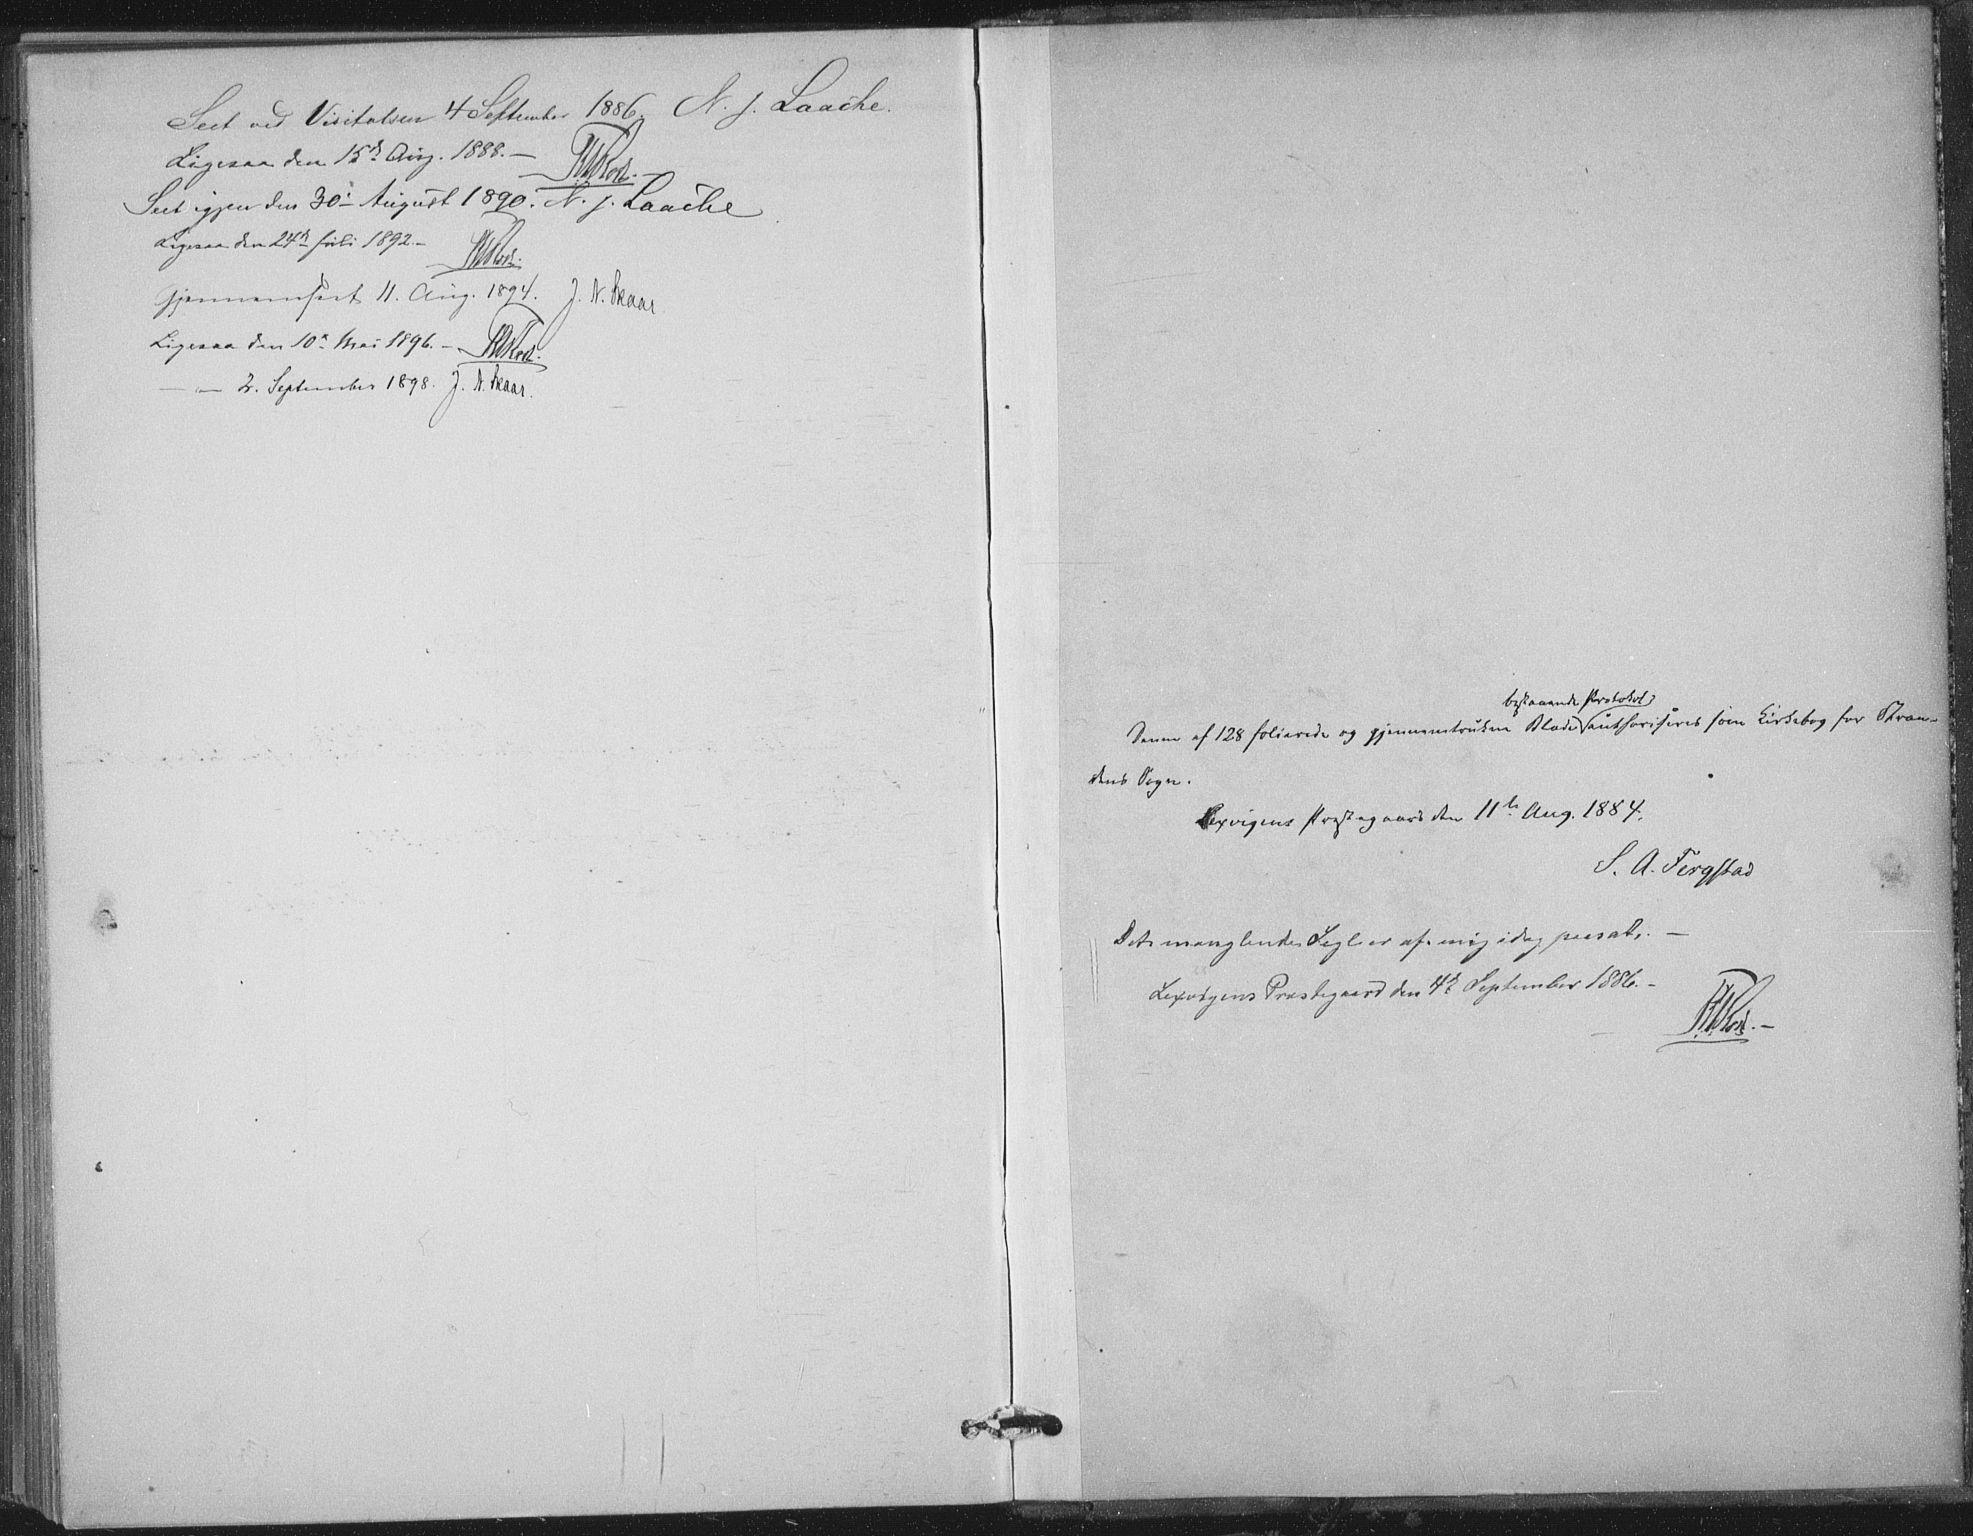 SAT, Ministerialprotokoller, klokkerbøker og fødselsregistre - Nord-Trøndelag, 702/L0023: Parish register (official) no. 702A01, 1883-1897, p. 123